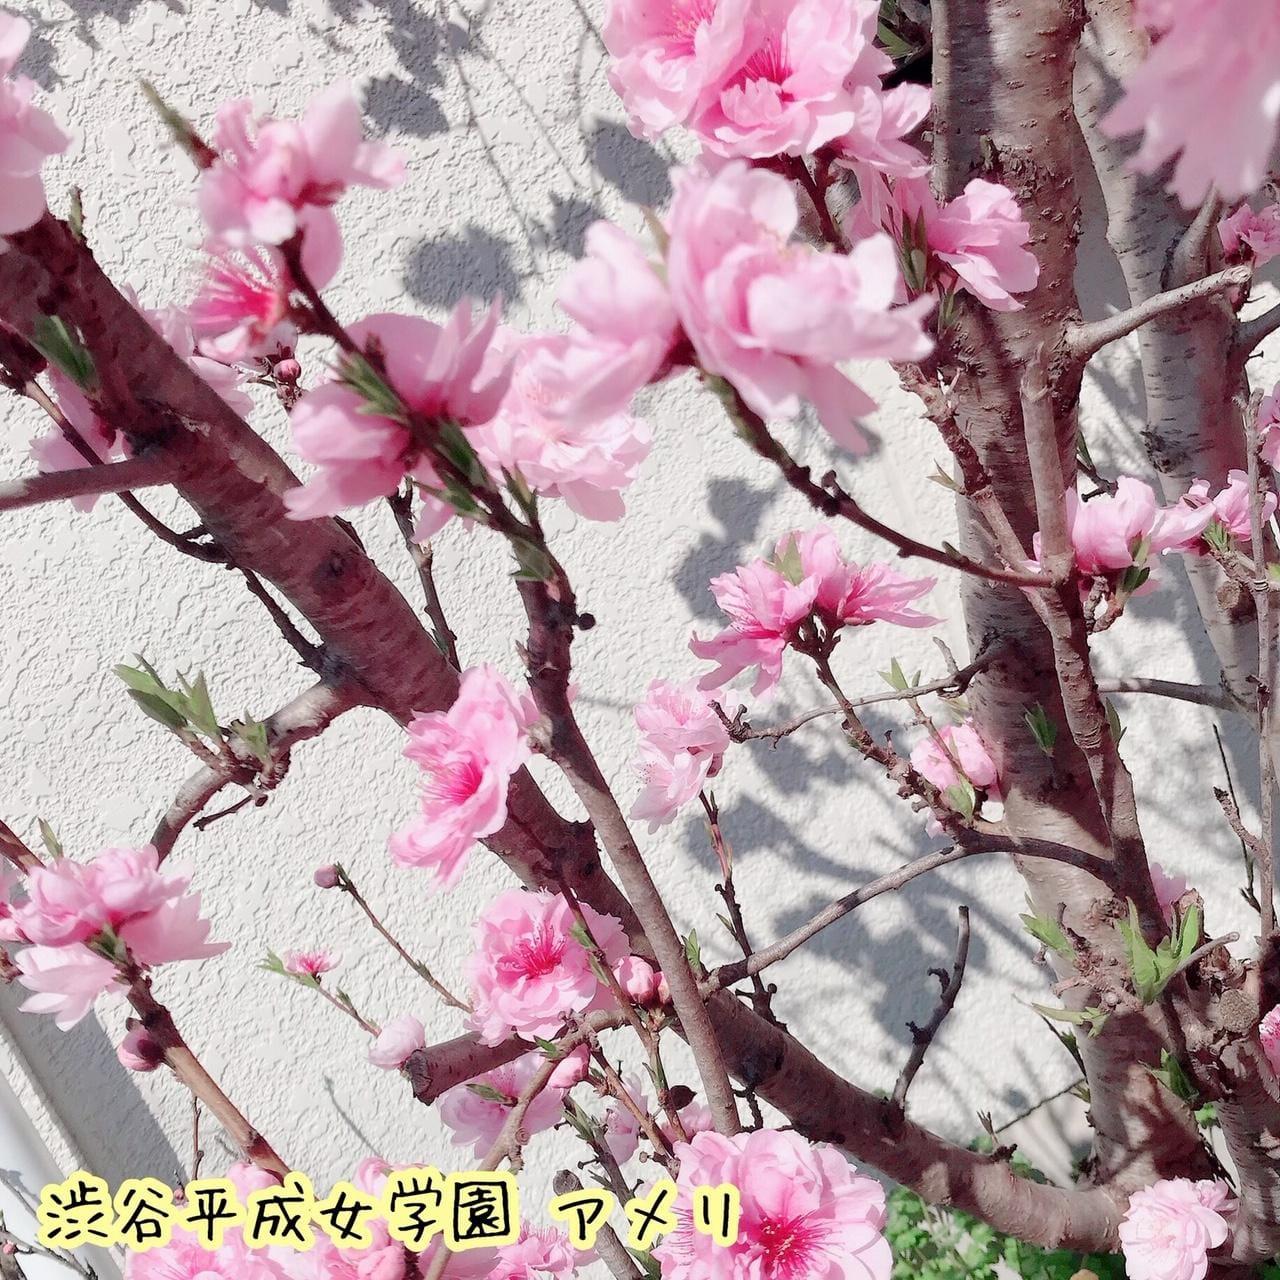 アメリ「●行きしなに、」03/21(土) 09:55   アメリの写メ・風俗動画